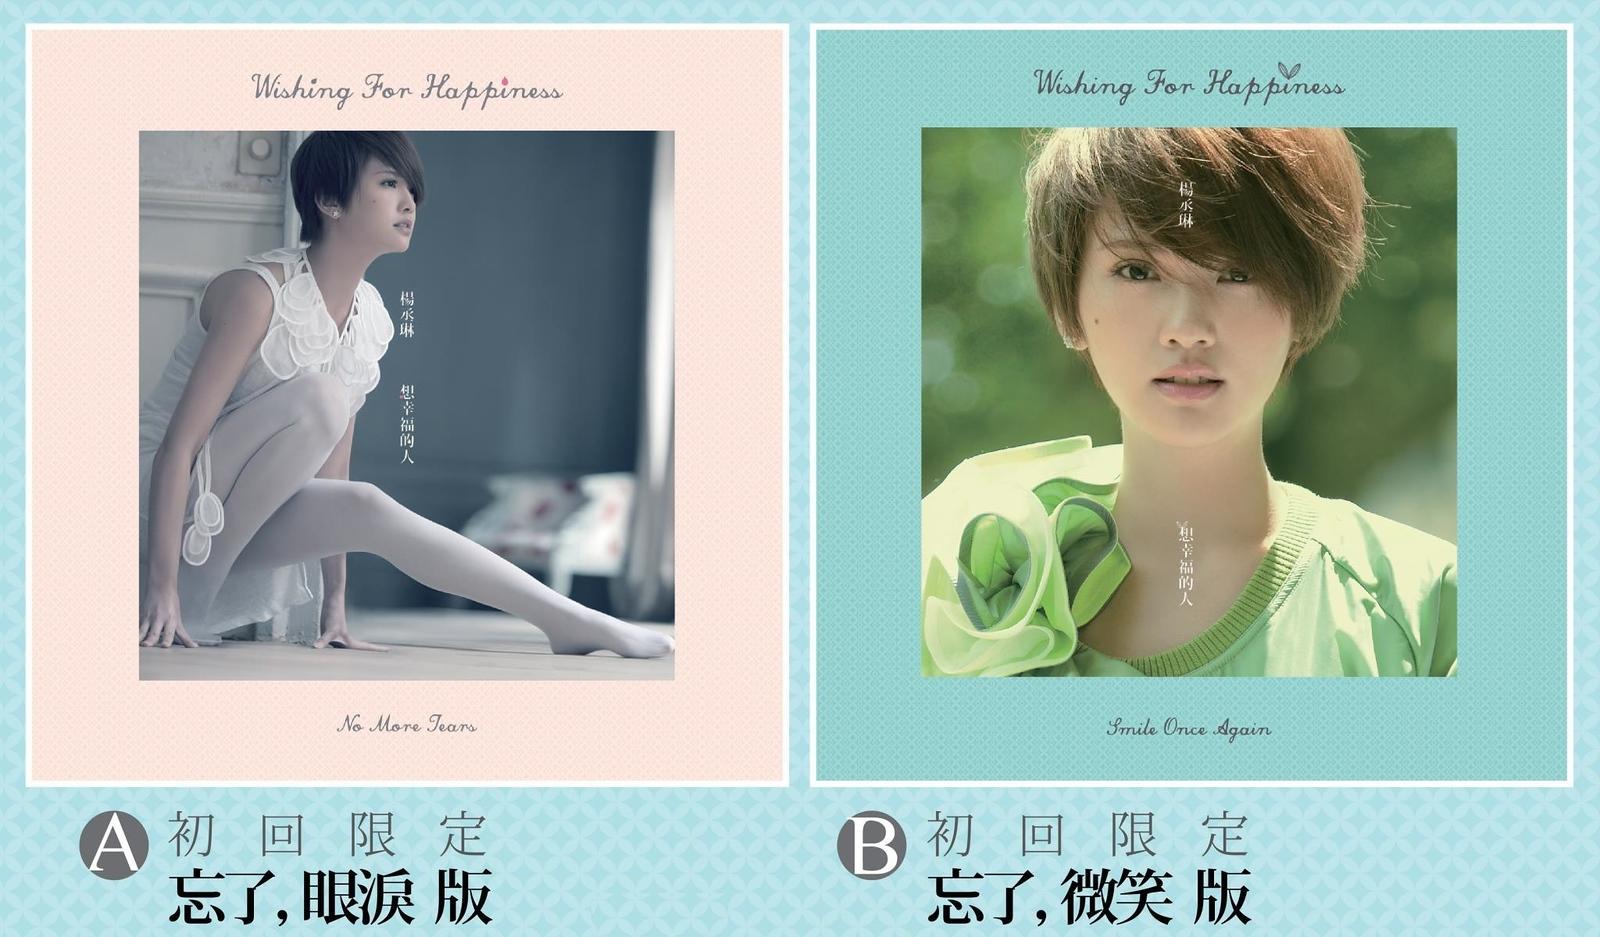 杨丞琳 想幸福的人 TWO VERSIONS